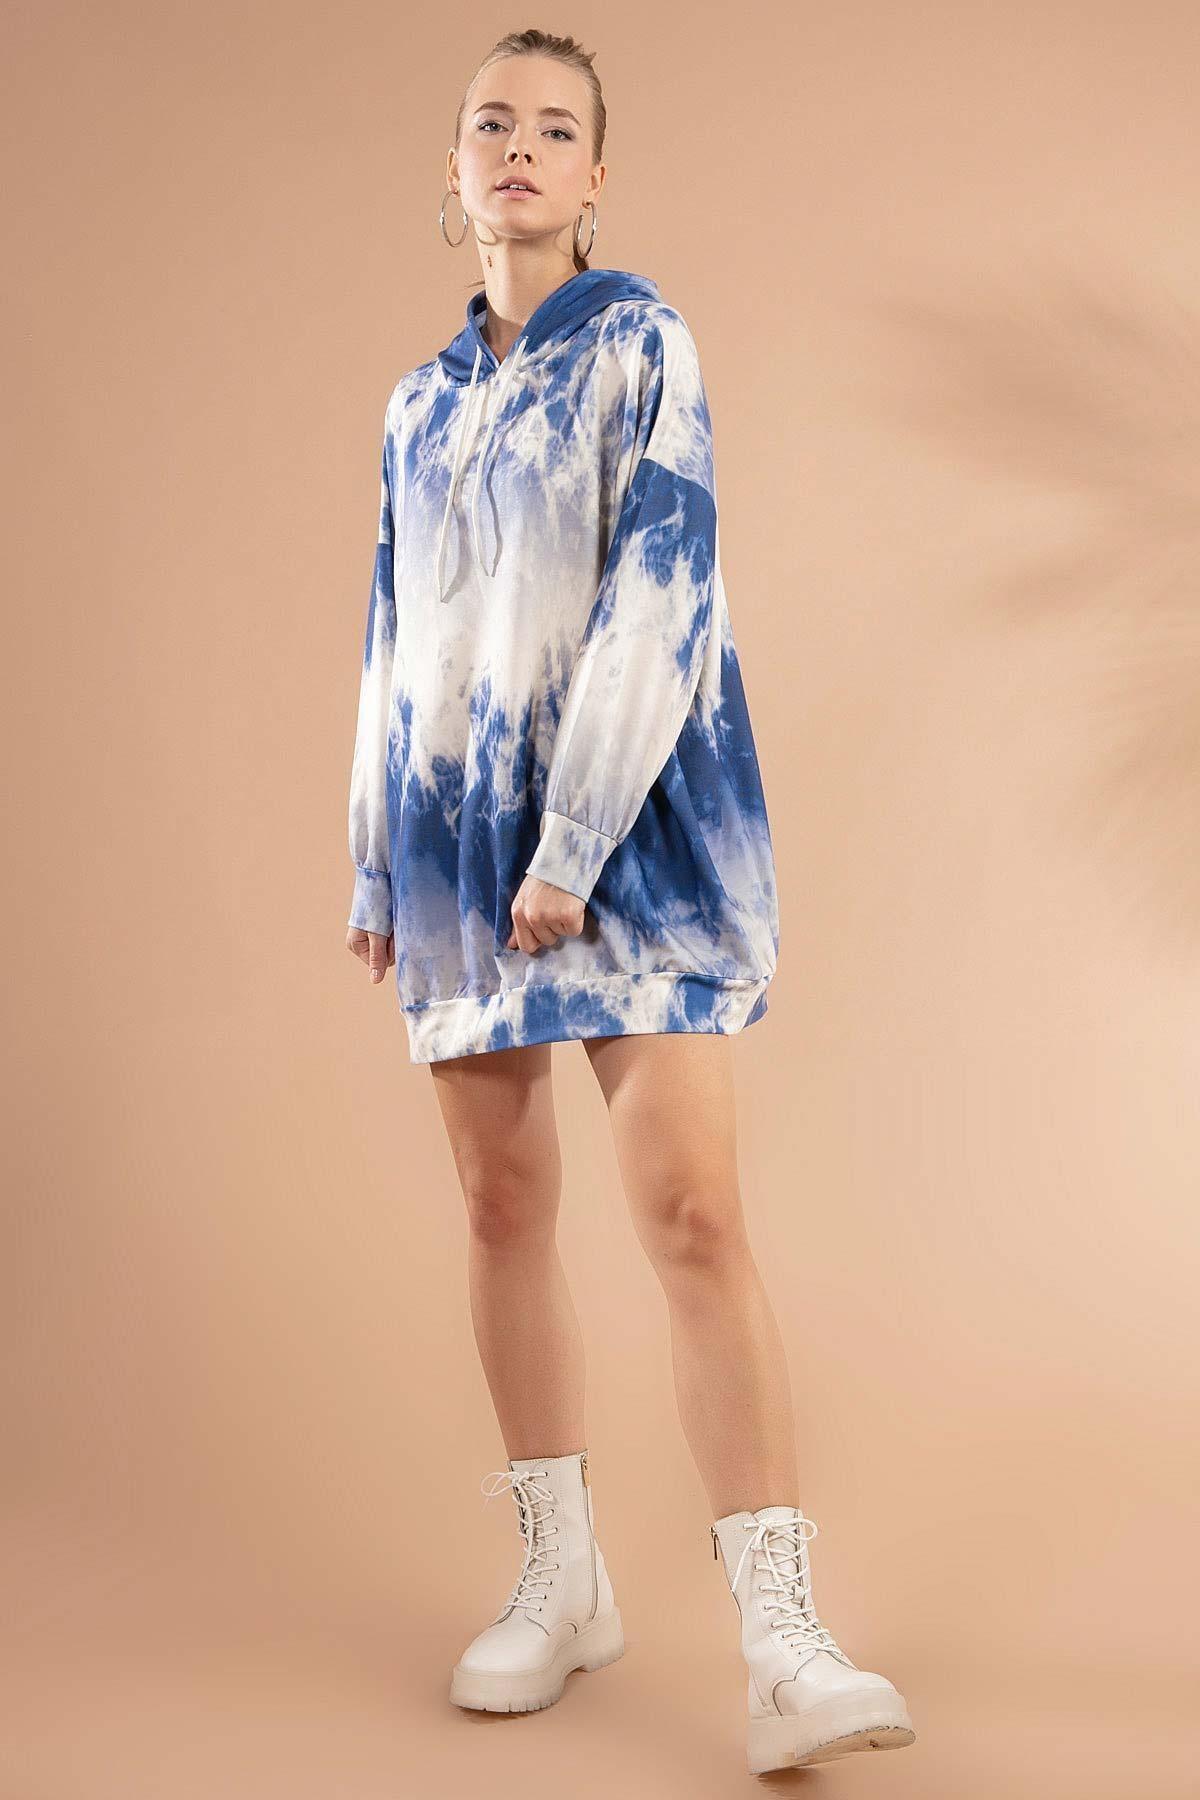 Y-London Kadın Beyaz Lacivert Baskılı Kapşonlu Sweatshirt Elbise P20W-4125-3 2